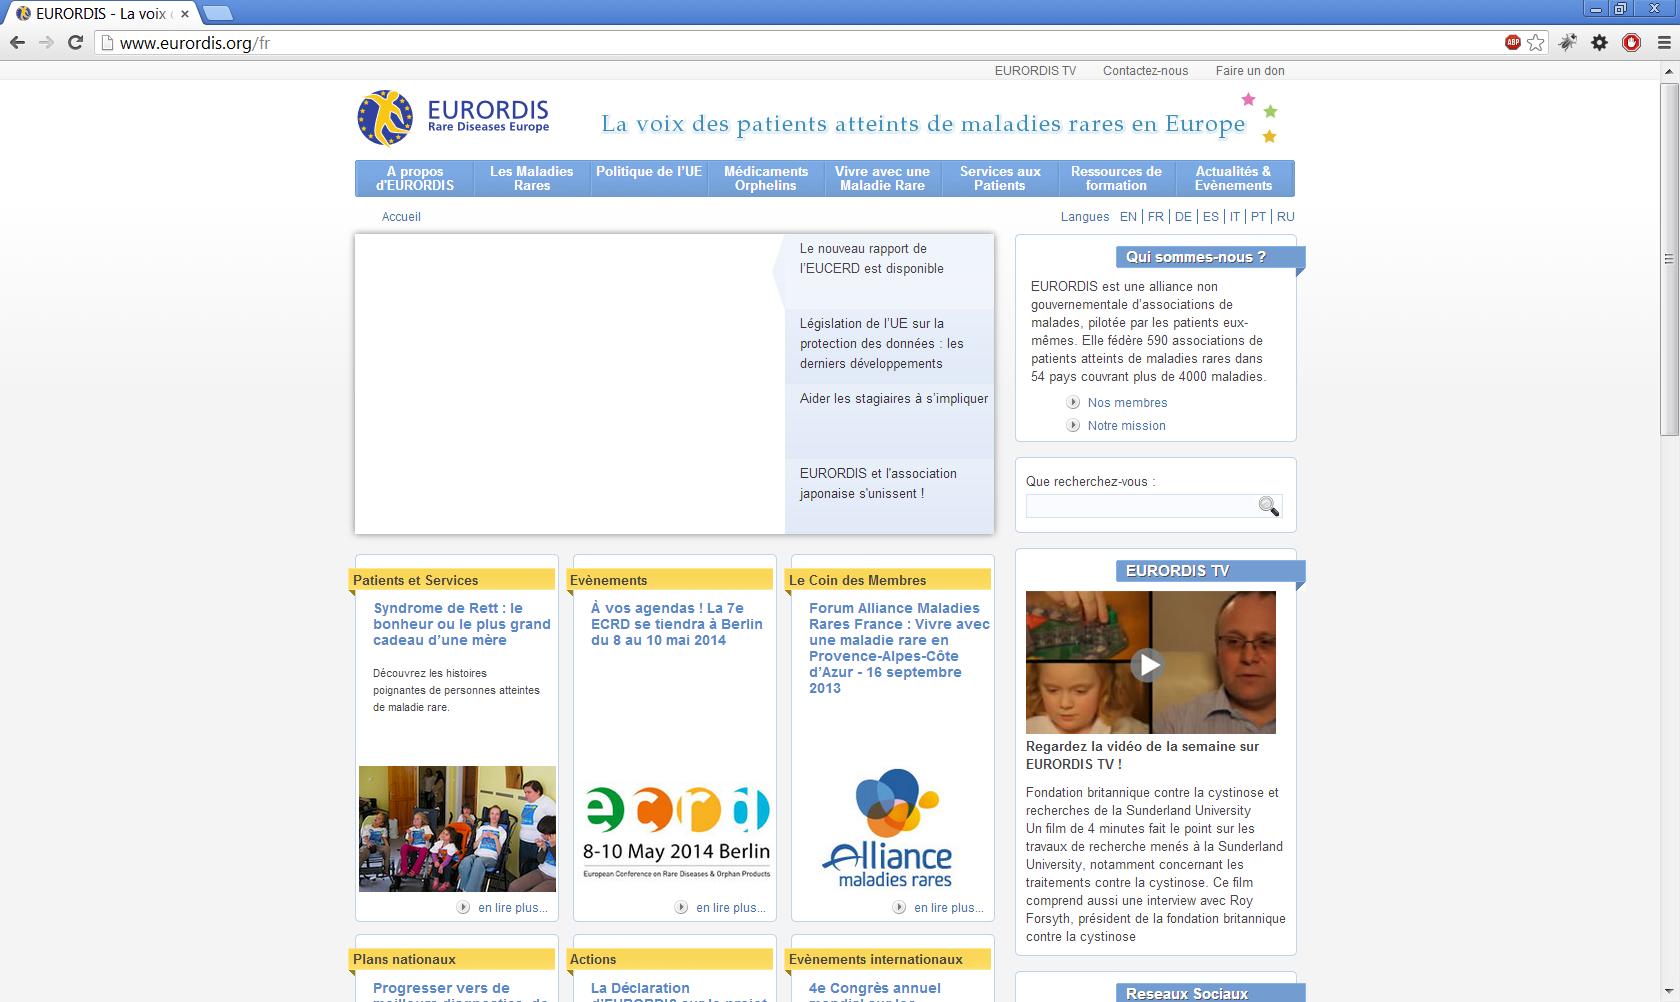 www.eurordis.org